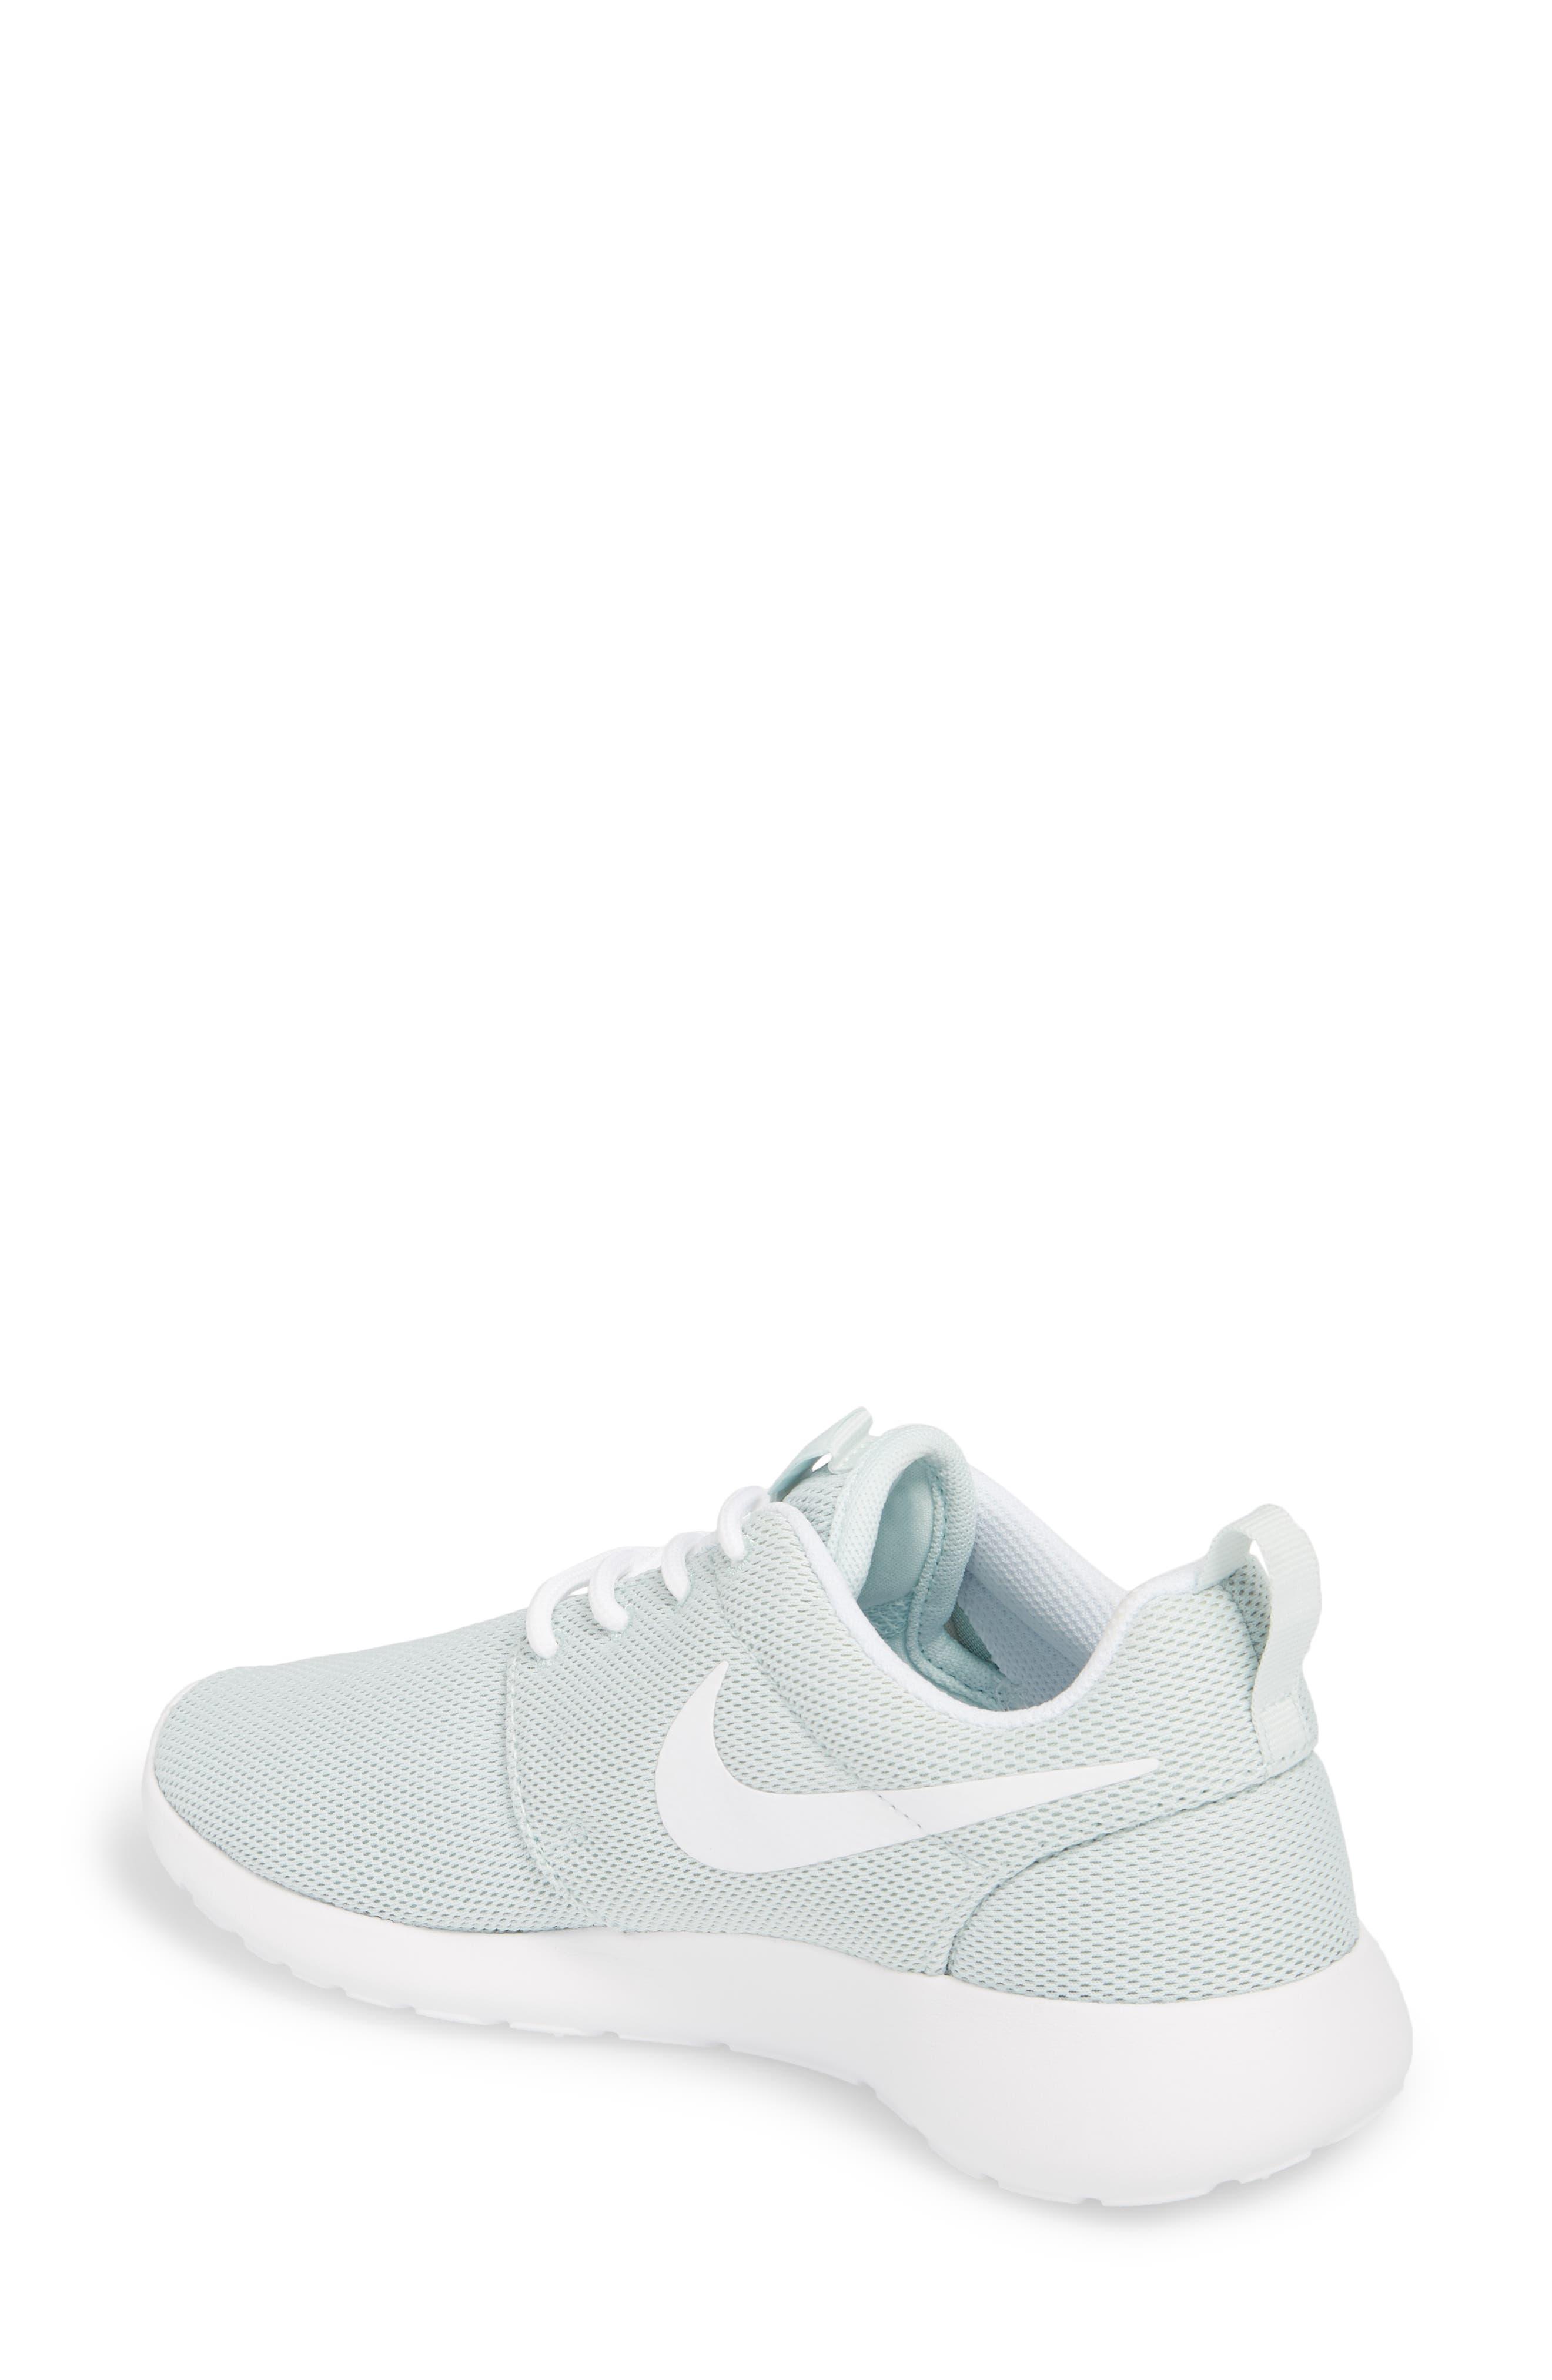 NIKE,                             'Roshe One' Sneaker,                             Alternate thumbnail 2, color,                             303